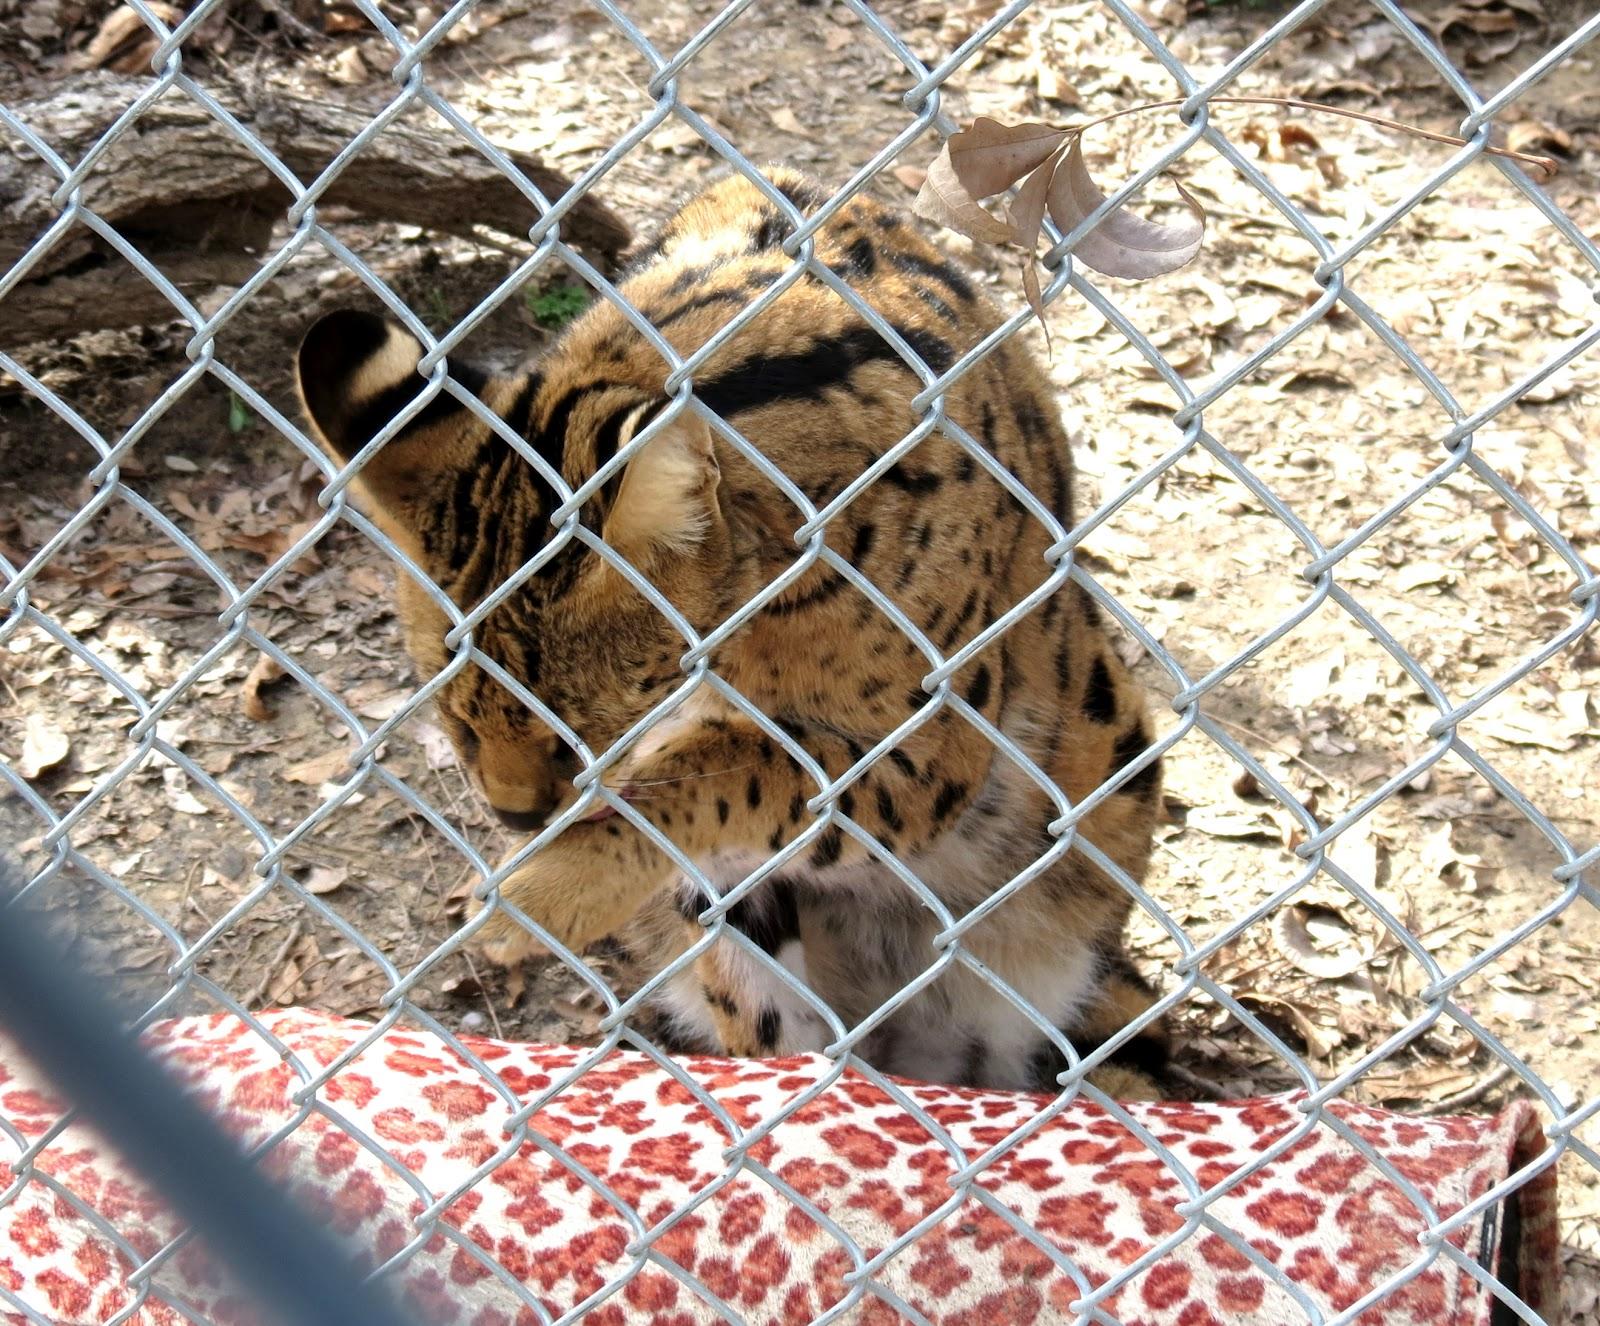 JBs Big World Rescued Big Cats Part III